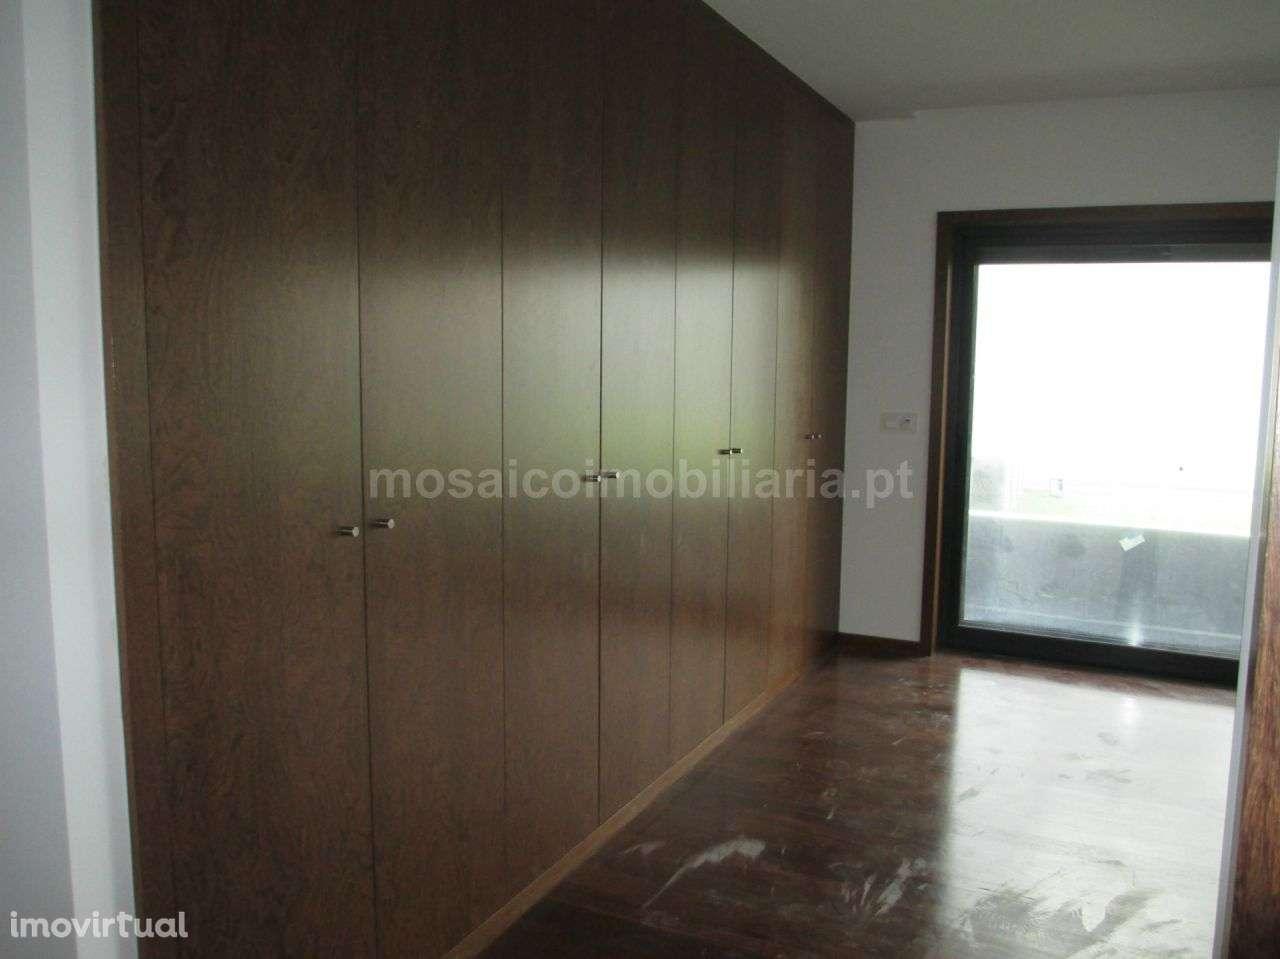 Apartamento para comprar, Canidelo, Porto - Foto 34